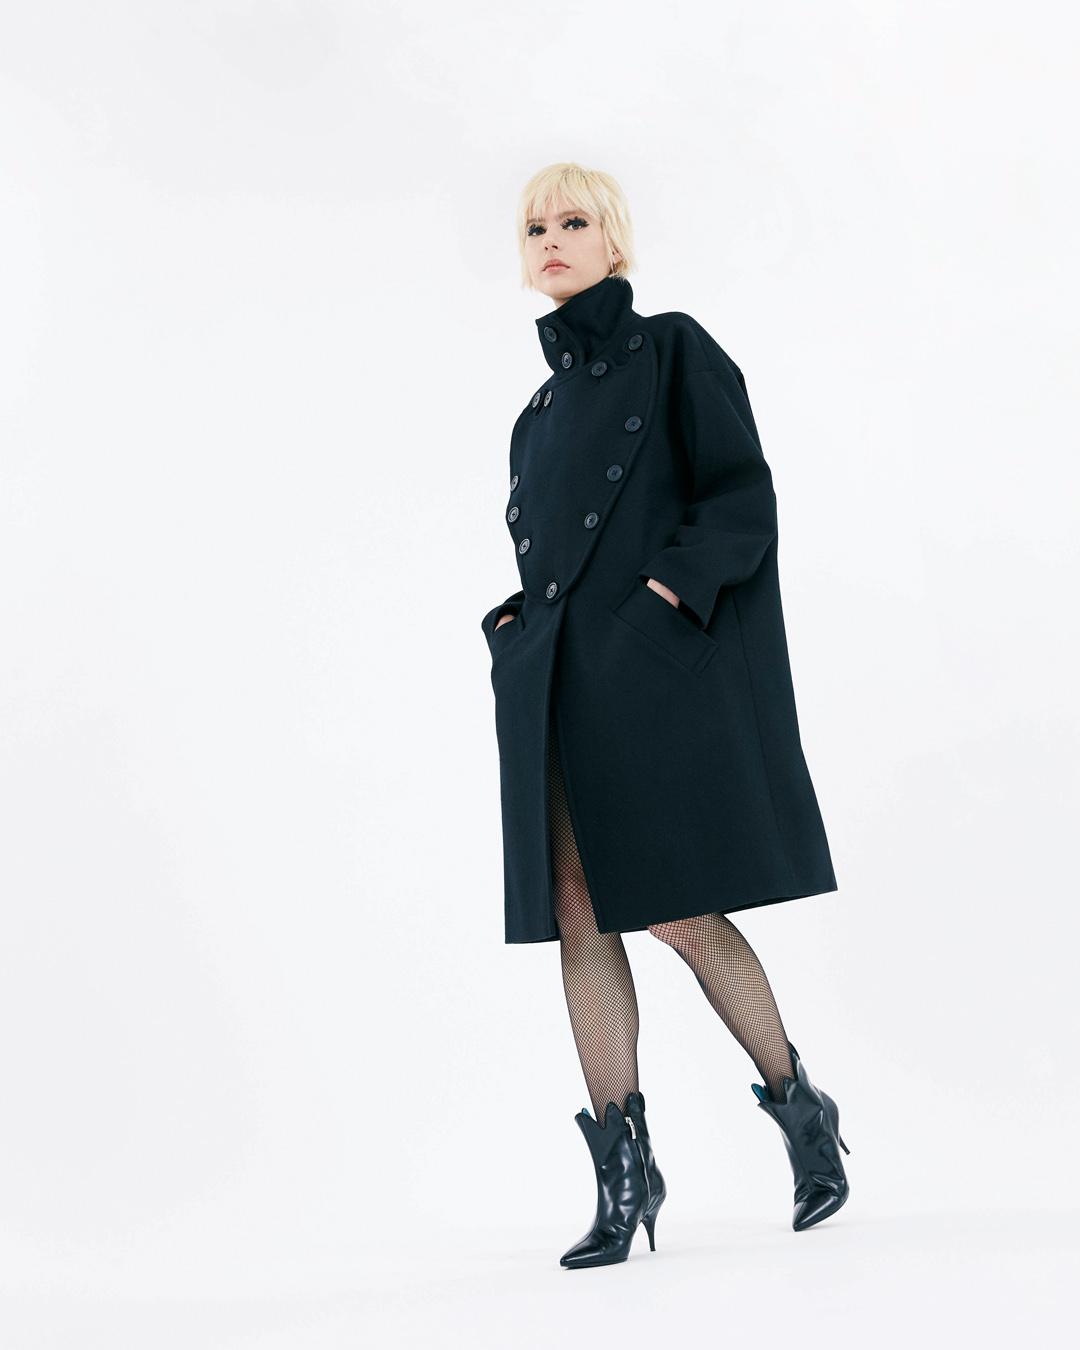 伊勢丹新宿店 RED LABEL Concept Store リニューアルOPENのお知らせ